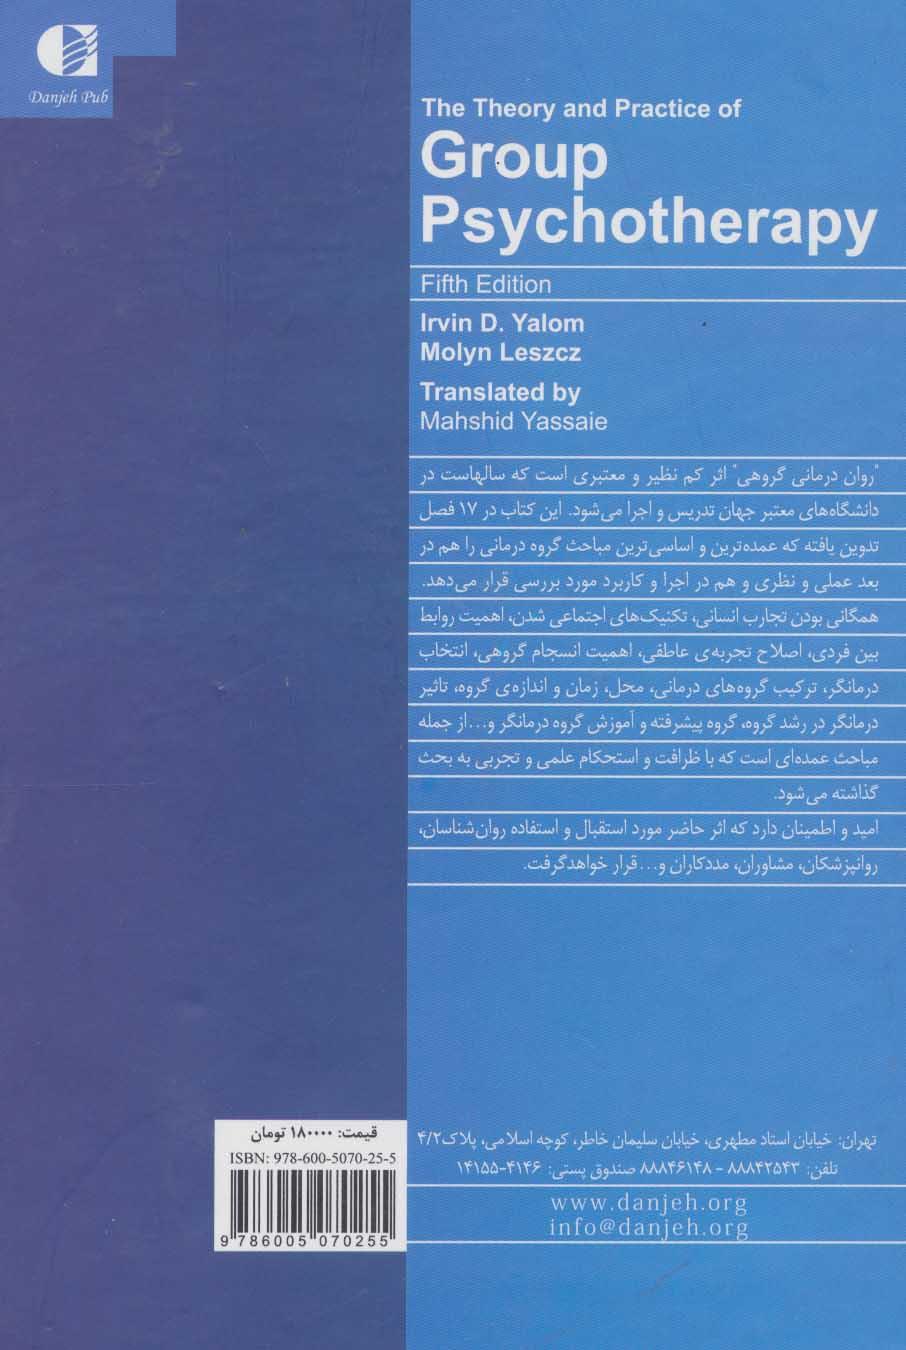 روان درمانی گروهی (مباحث نظری و کاربردی)